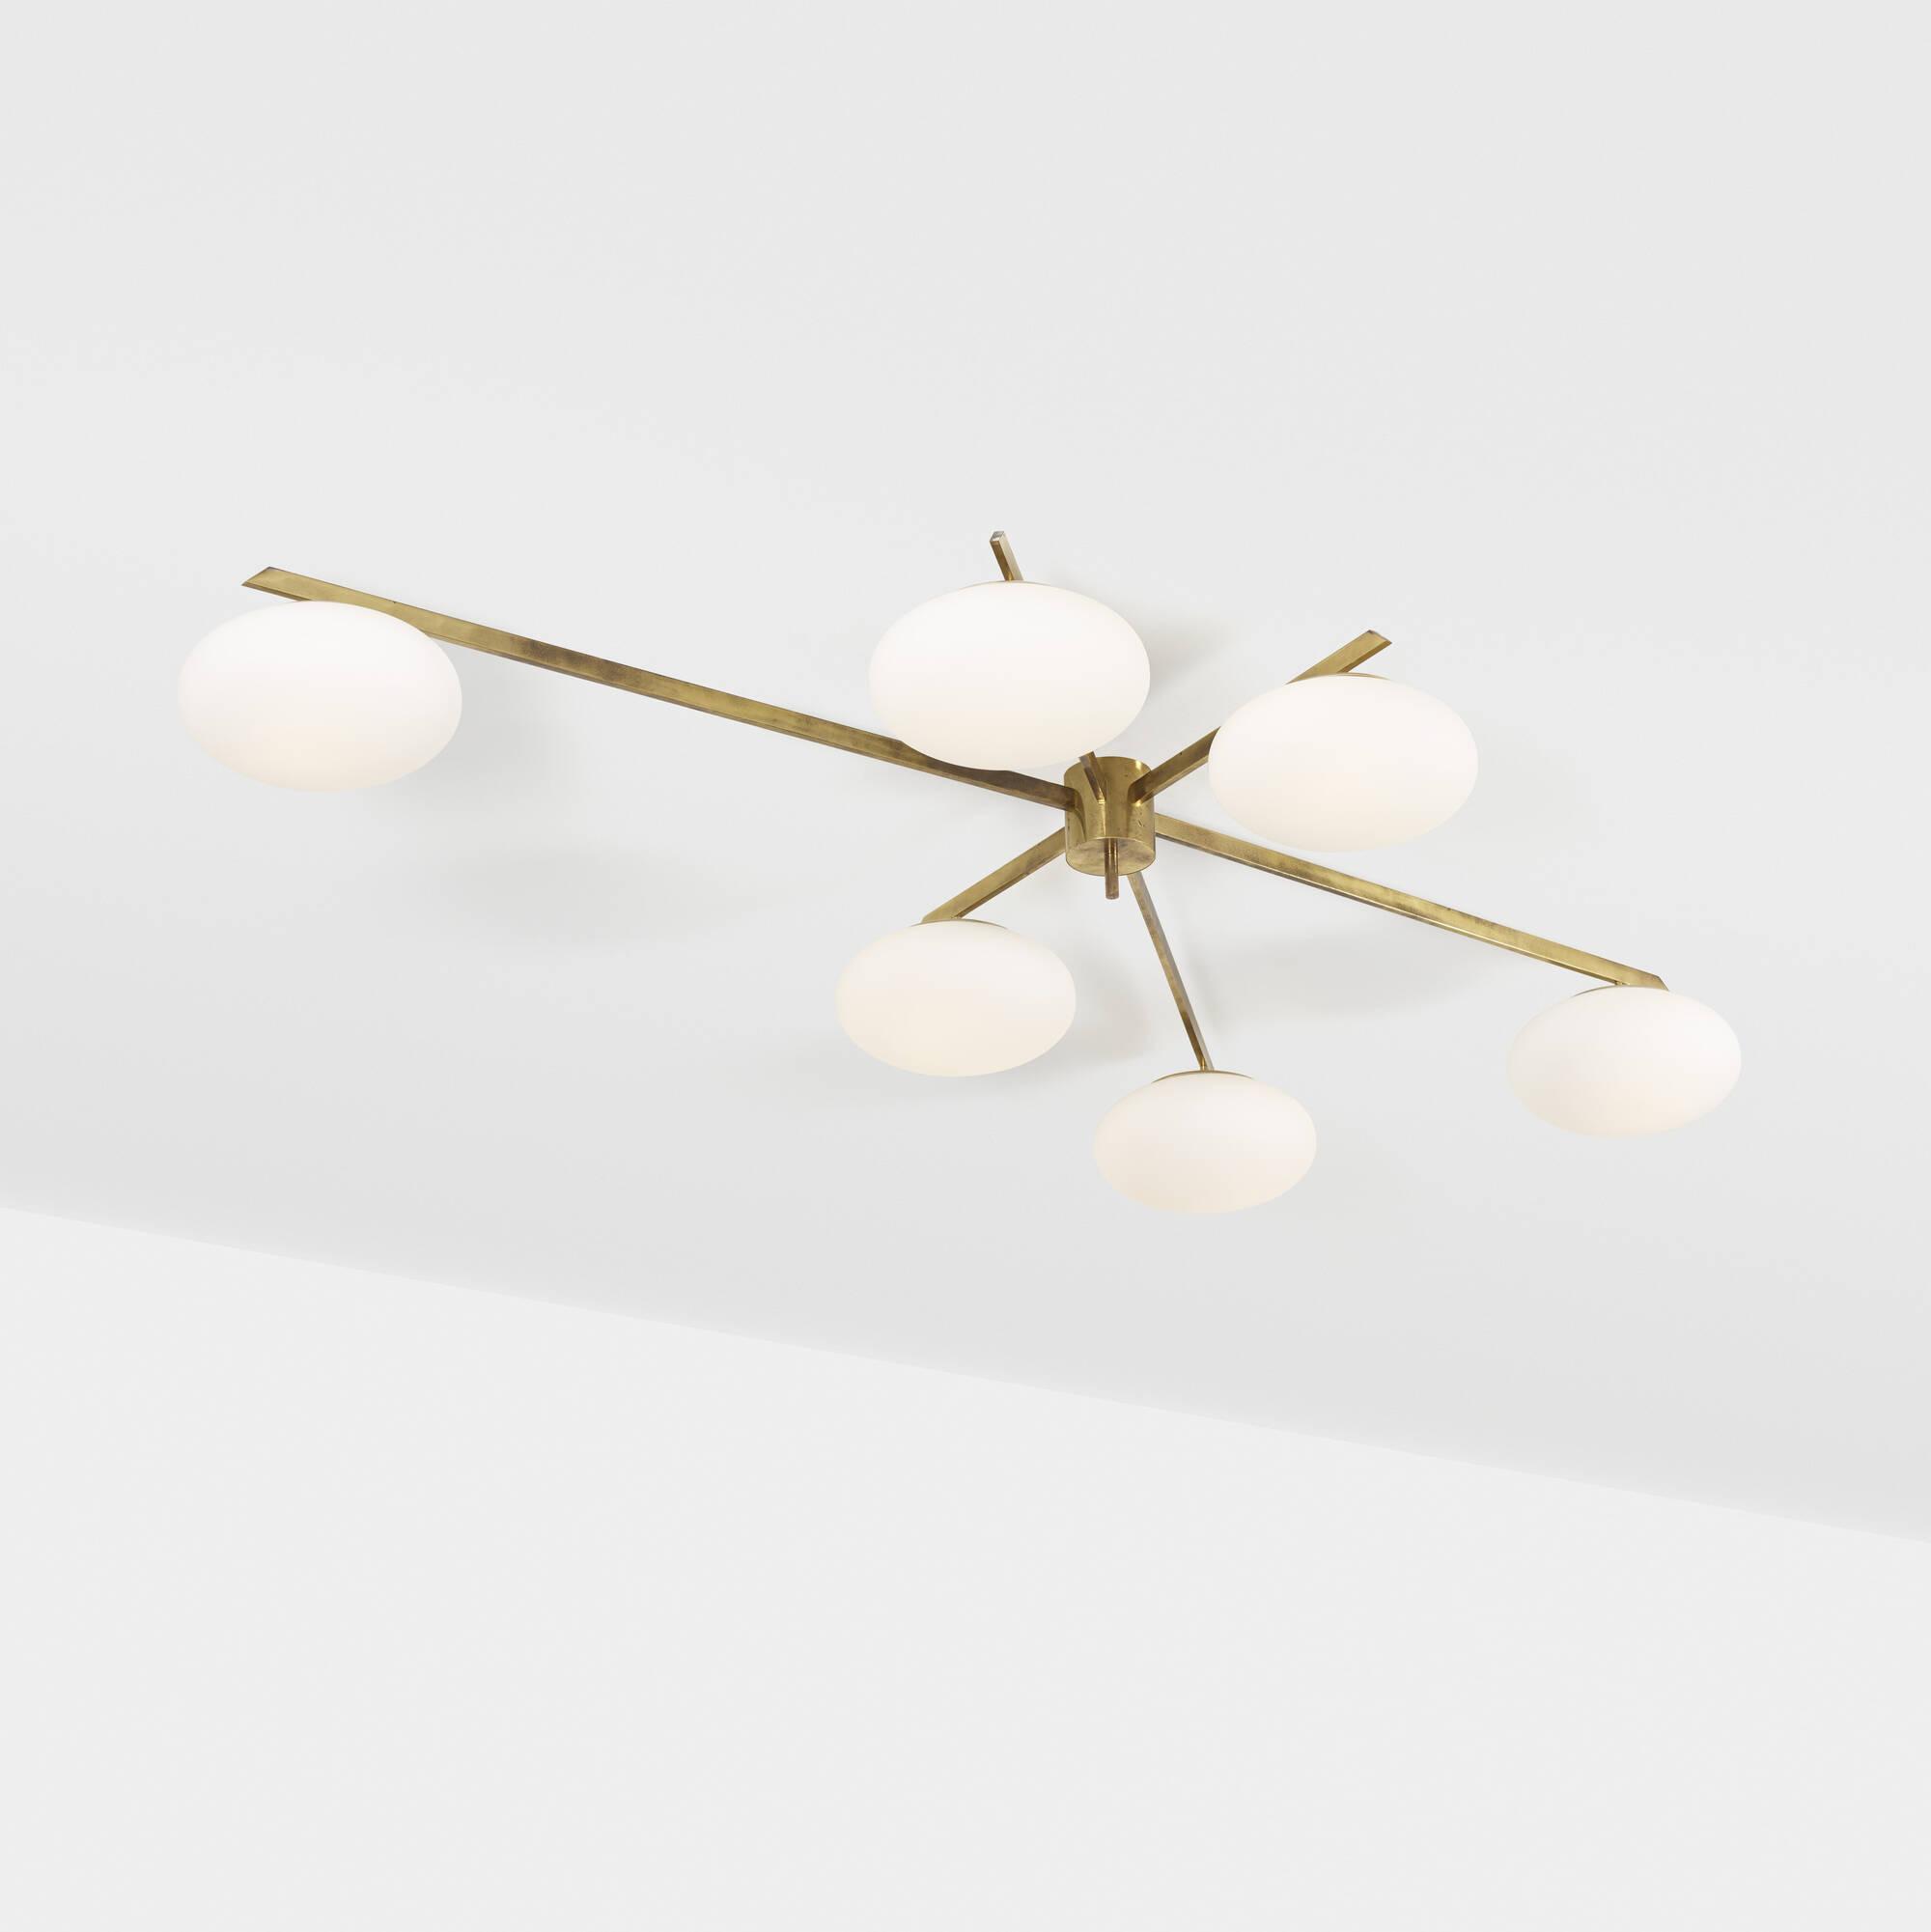 297: Angelo Lelii / chandelier (1 of 1)